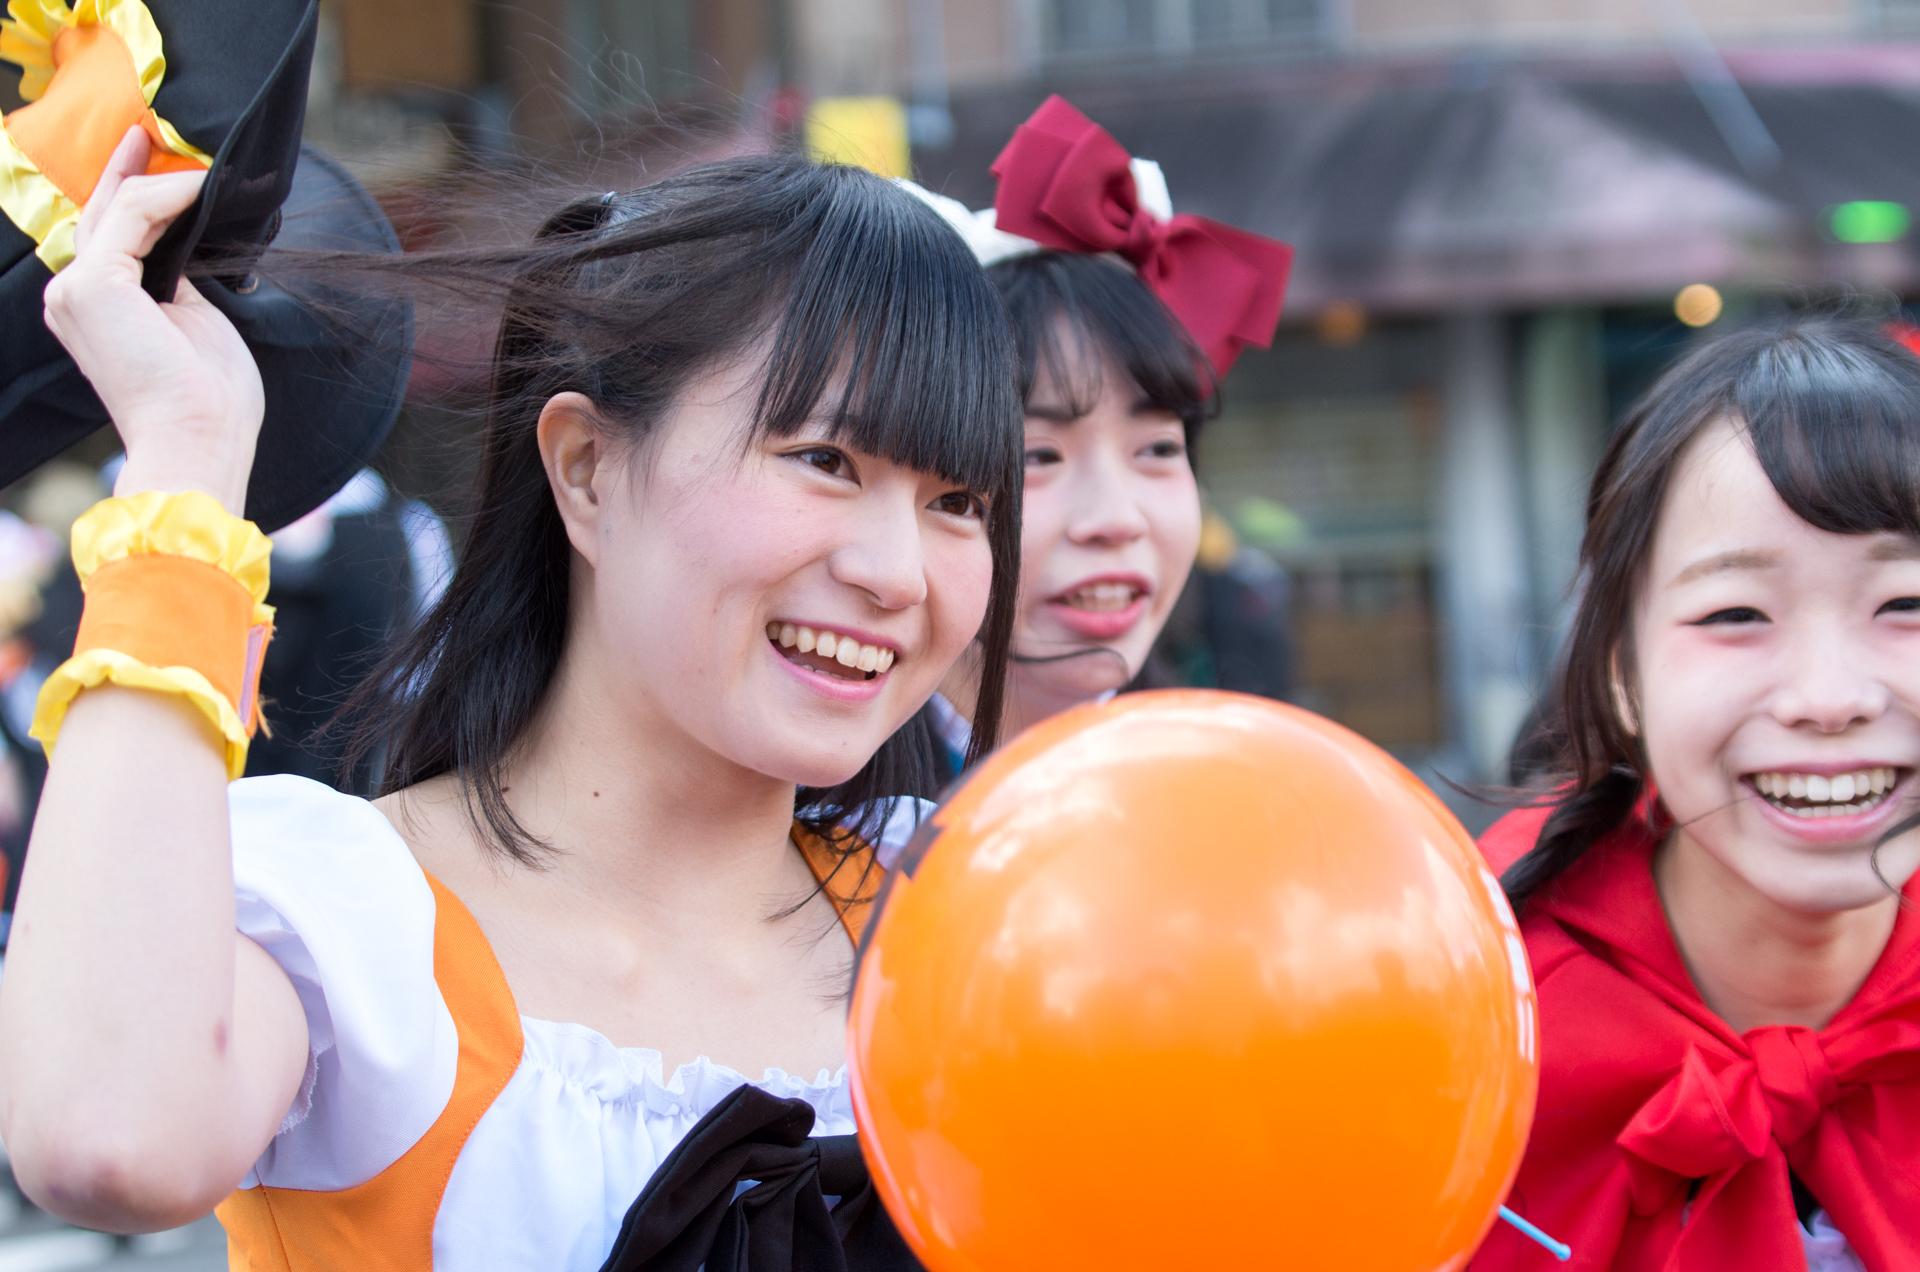 2代目HAPPY少女♪ あゆみ ( 新谷亜由美 )   さっぽろハロウィン2016